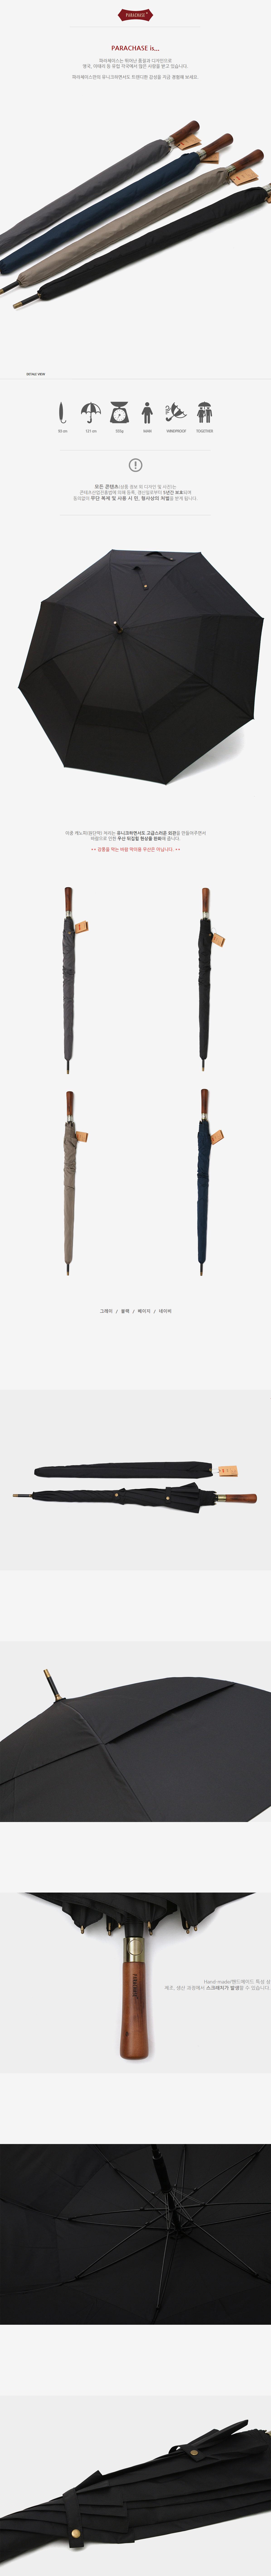 파라체이스(PARACHASE) 1110 프리미엄 우드 그립 이중 캐노피 자동 장우산